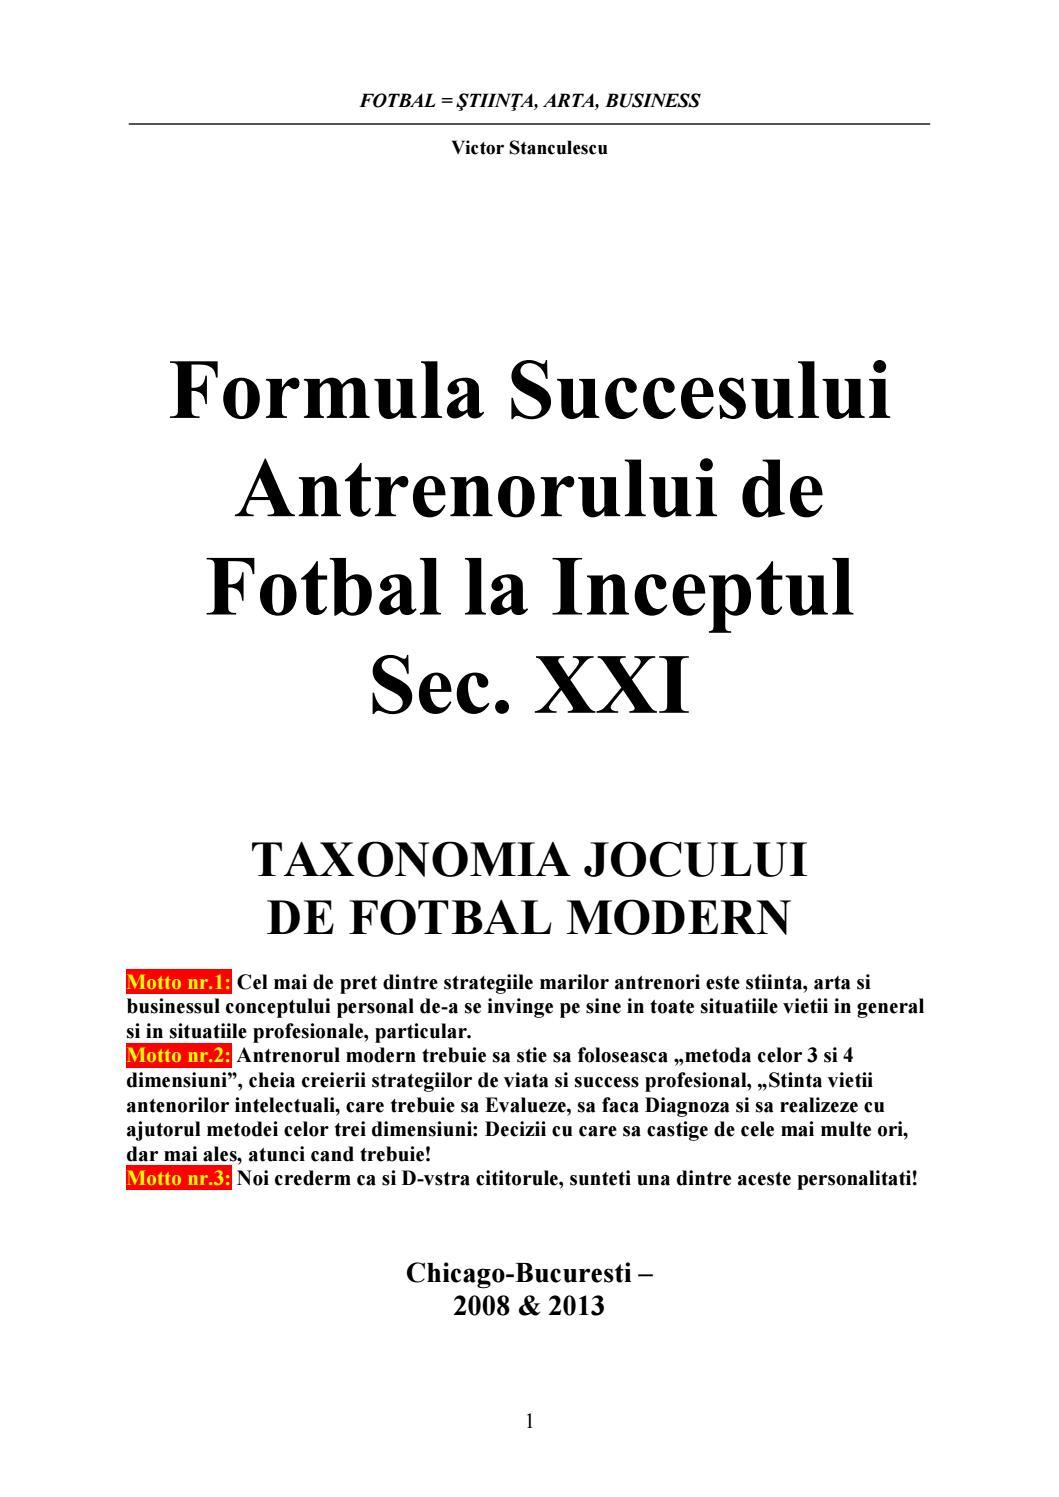 Cartea antenorului de fotbal modern la inceptul secolului al